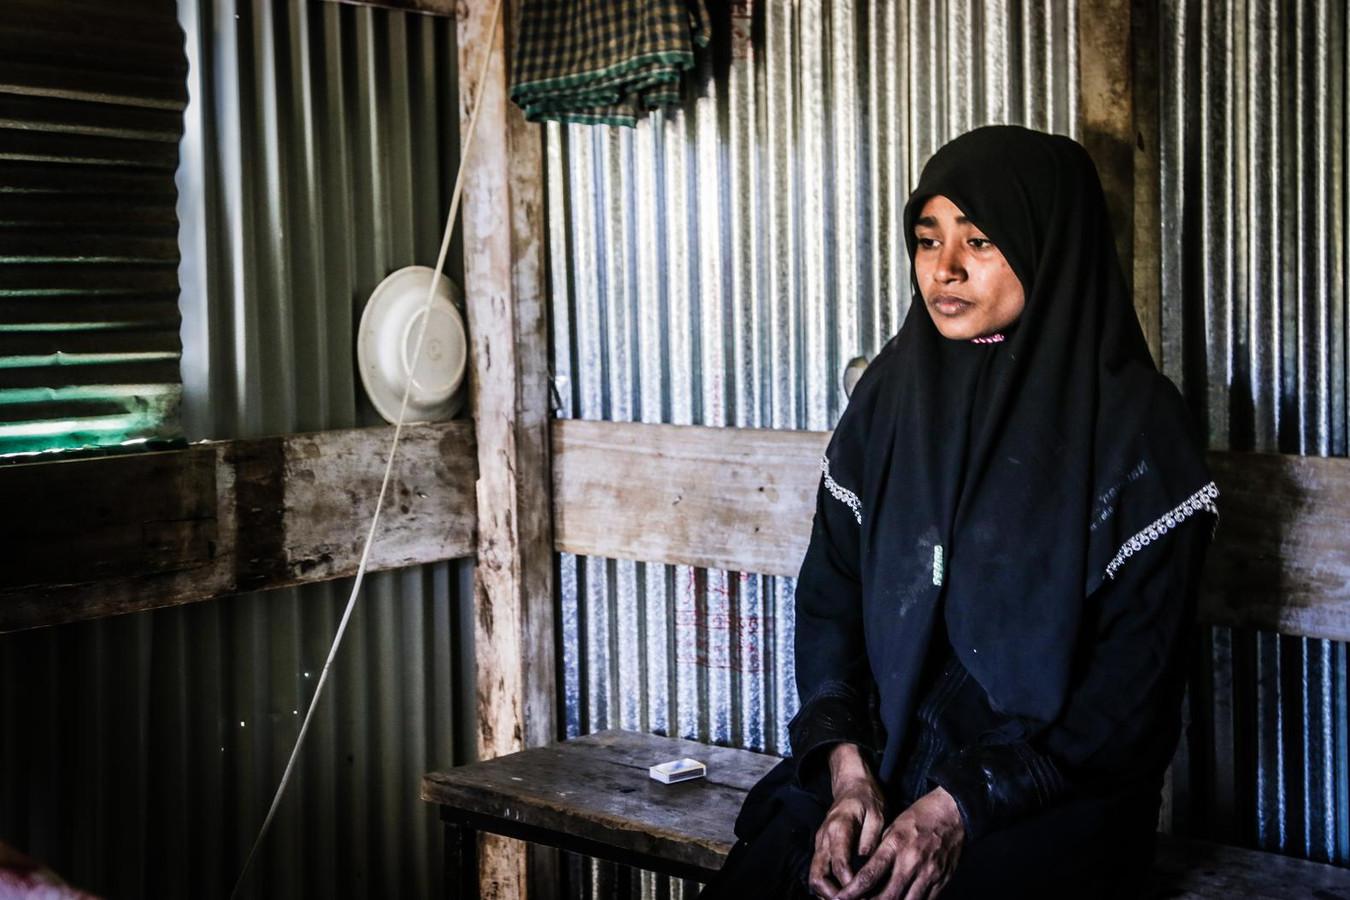 De moeder wiens huilende baby op de vluchtelingenboot door mensenhandelaren uit angst voor de grenscontrole overboord is gegooid